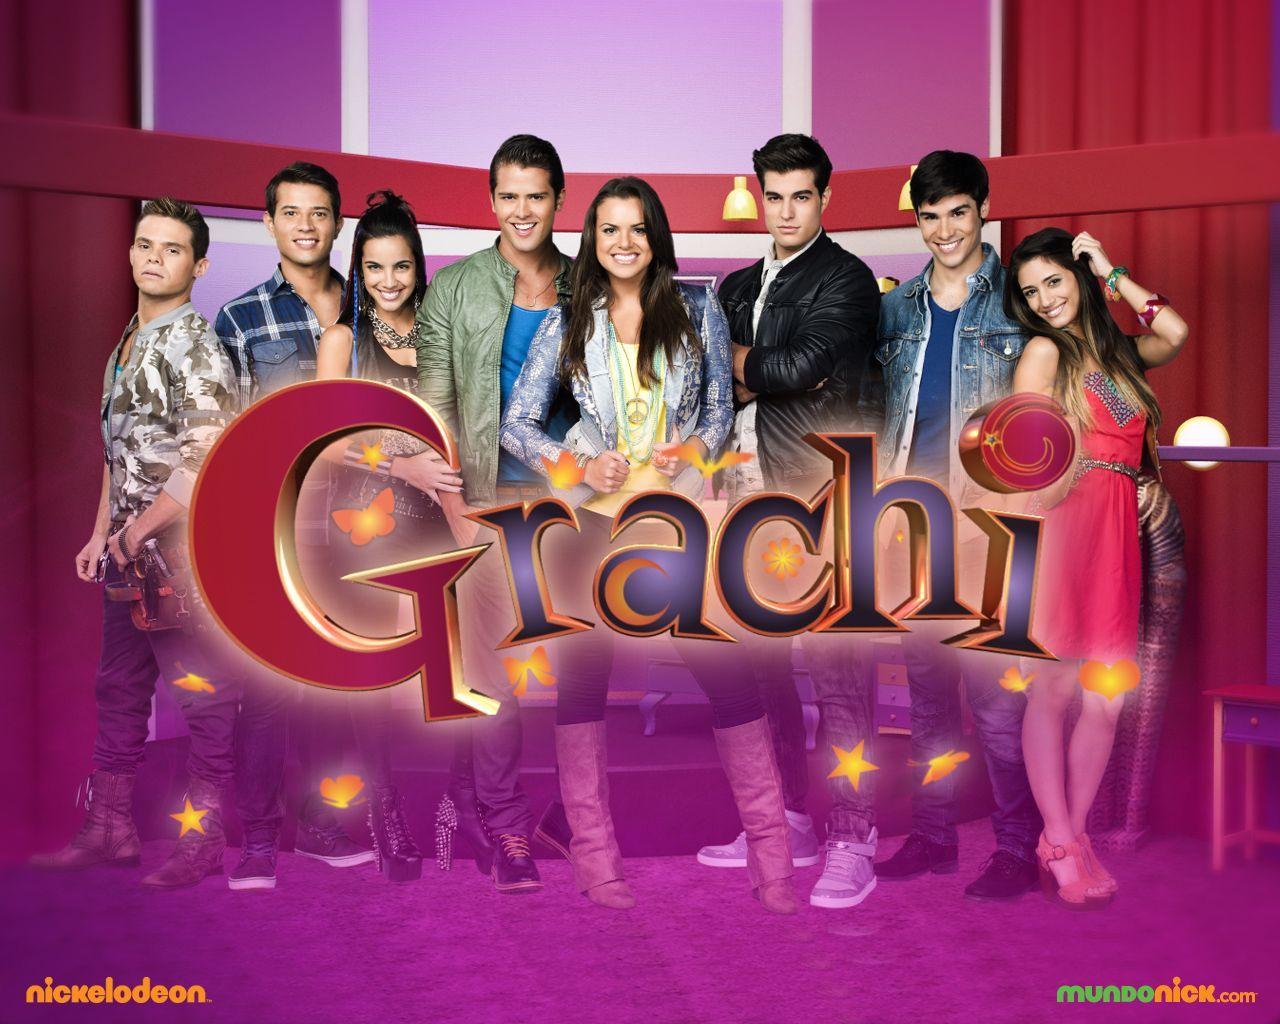 Grachi dans Série 9ecece17